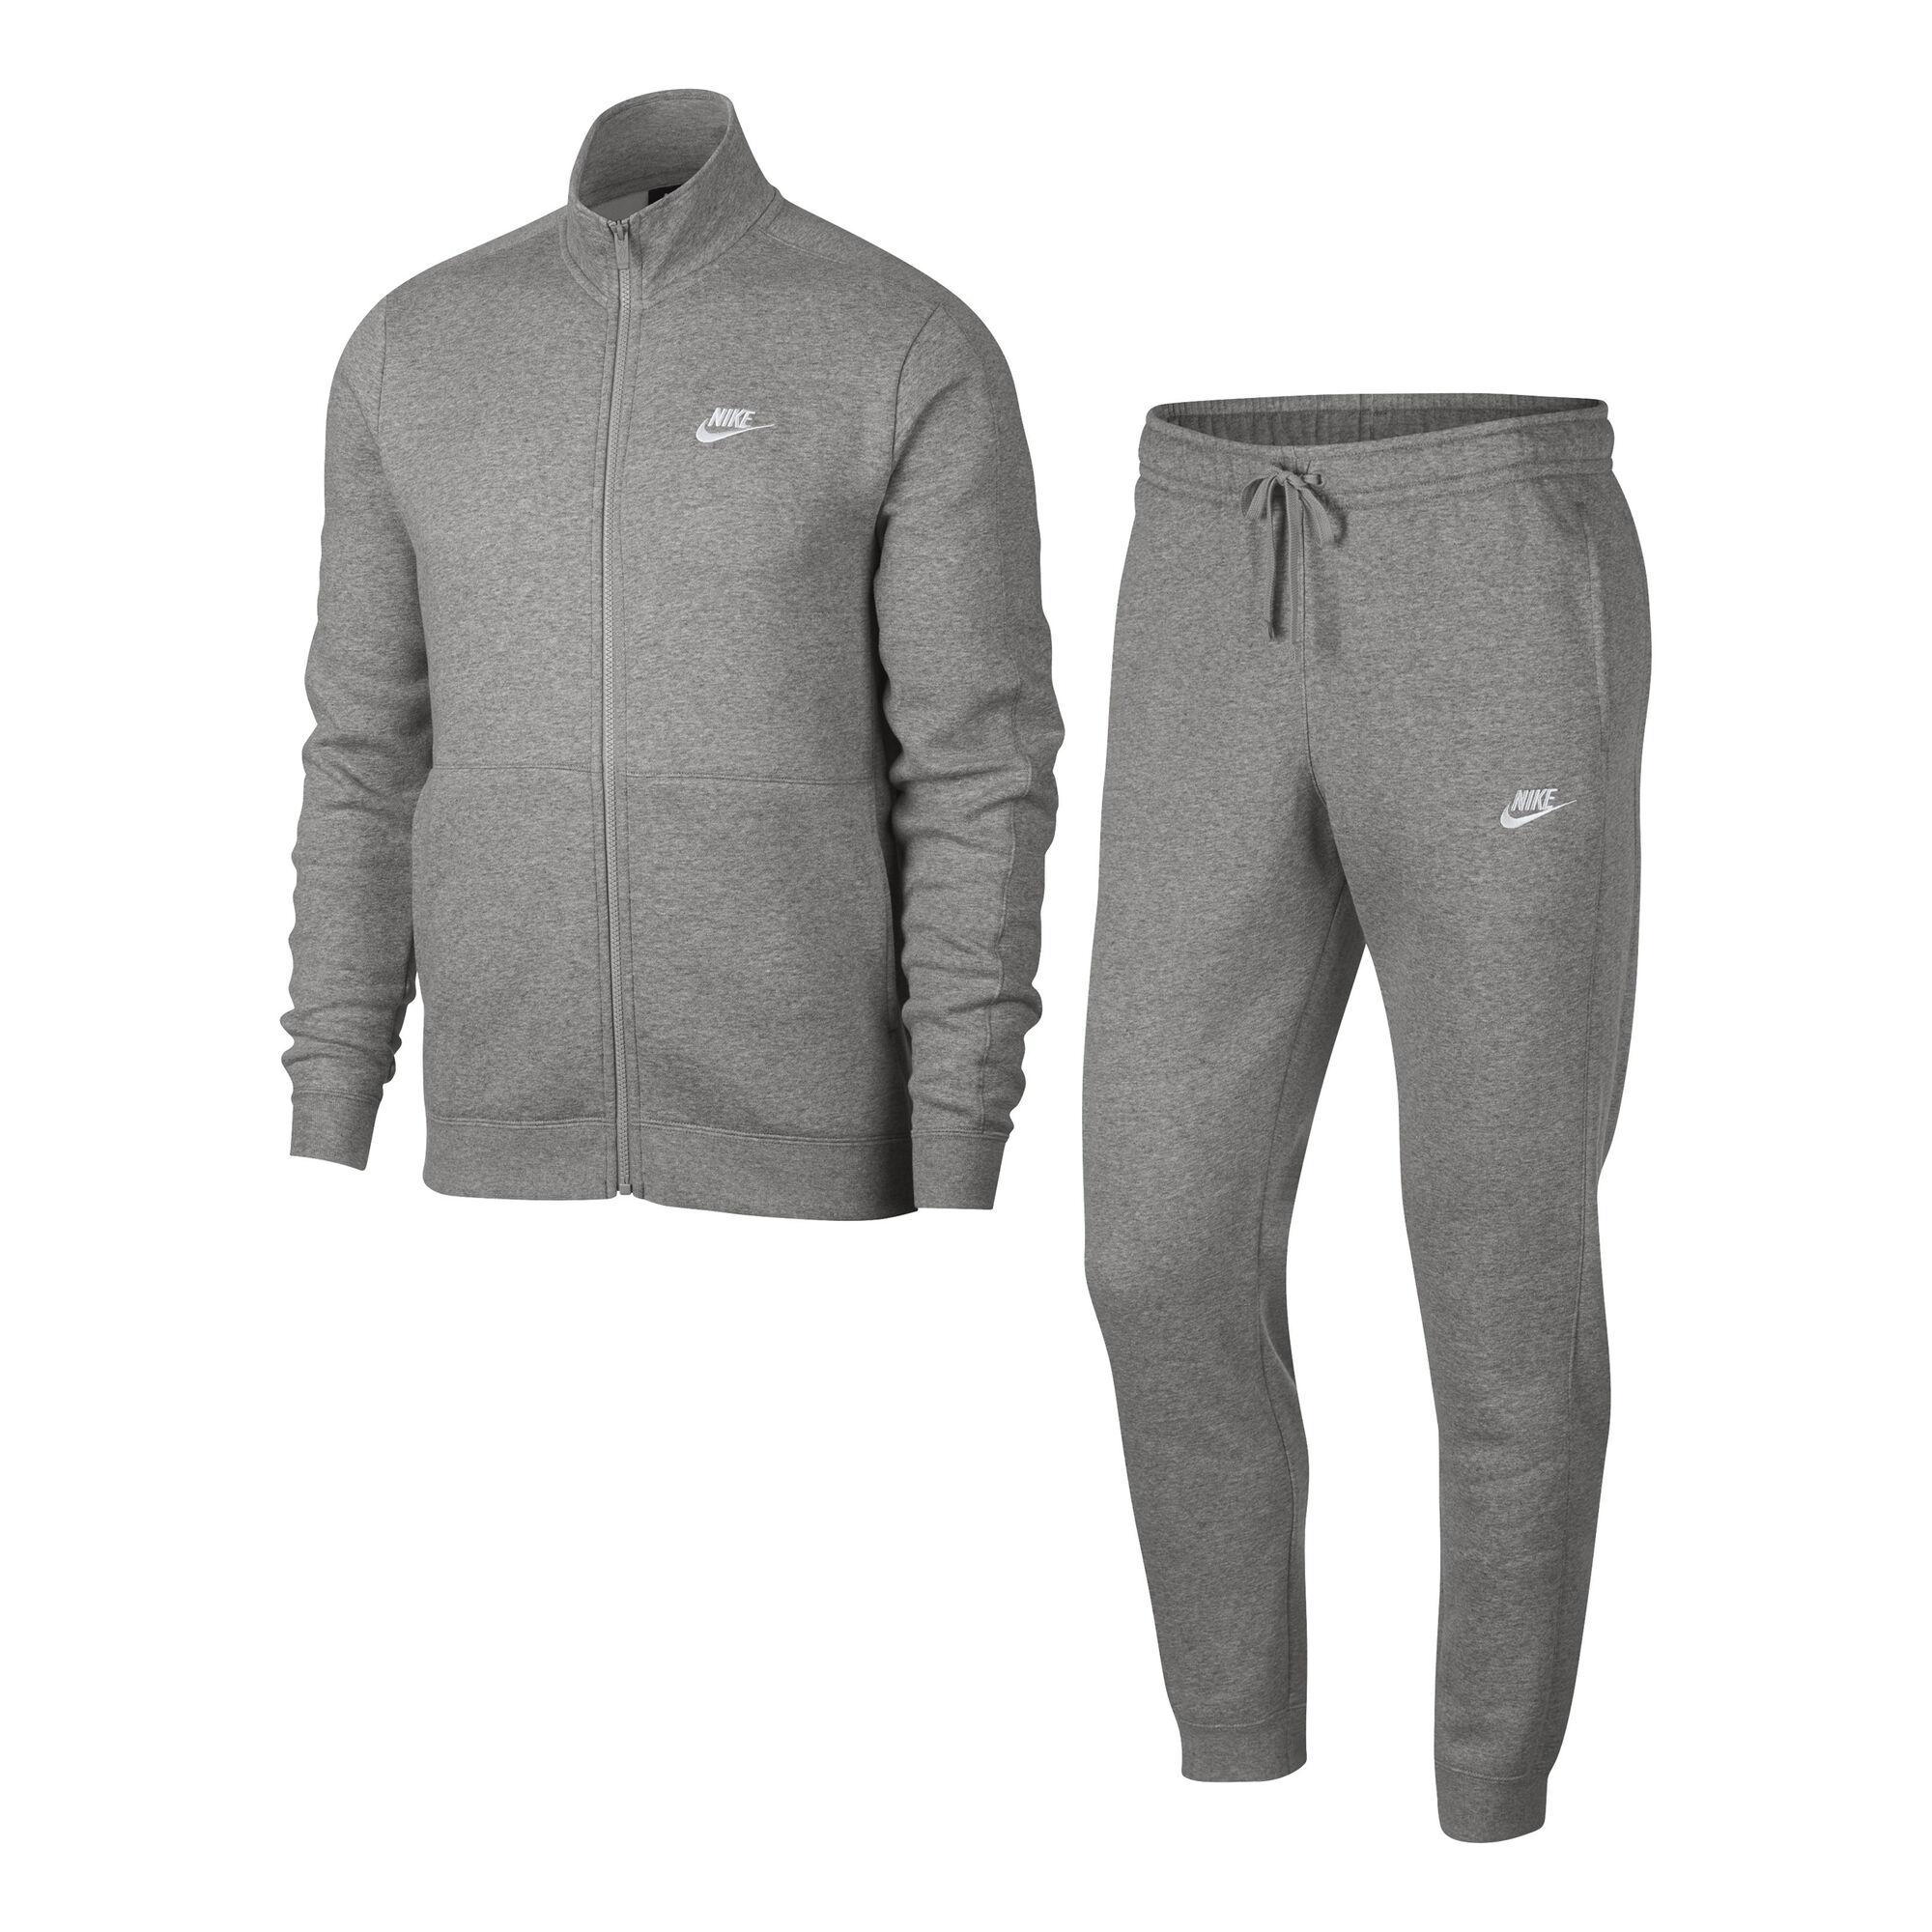 97ea20b4811067 Nike · Nike · Nike · Nike · Nike · Nike · Nike · Nike · Nike · Nike. Sportswear  Fleece Tracksuit ...